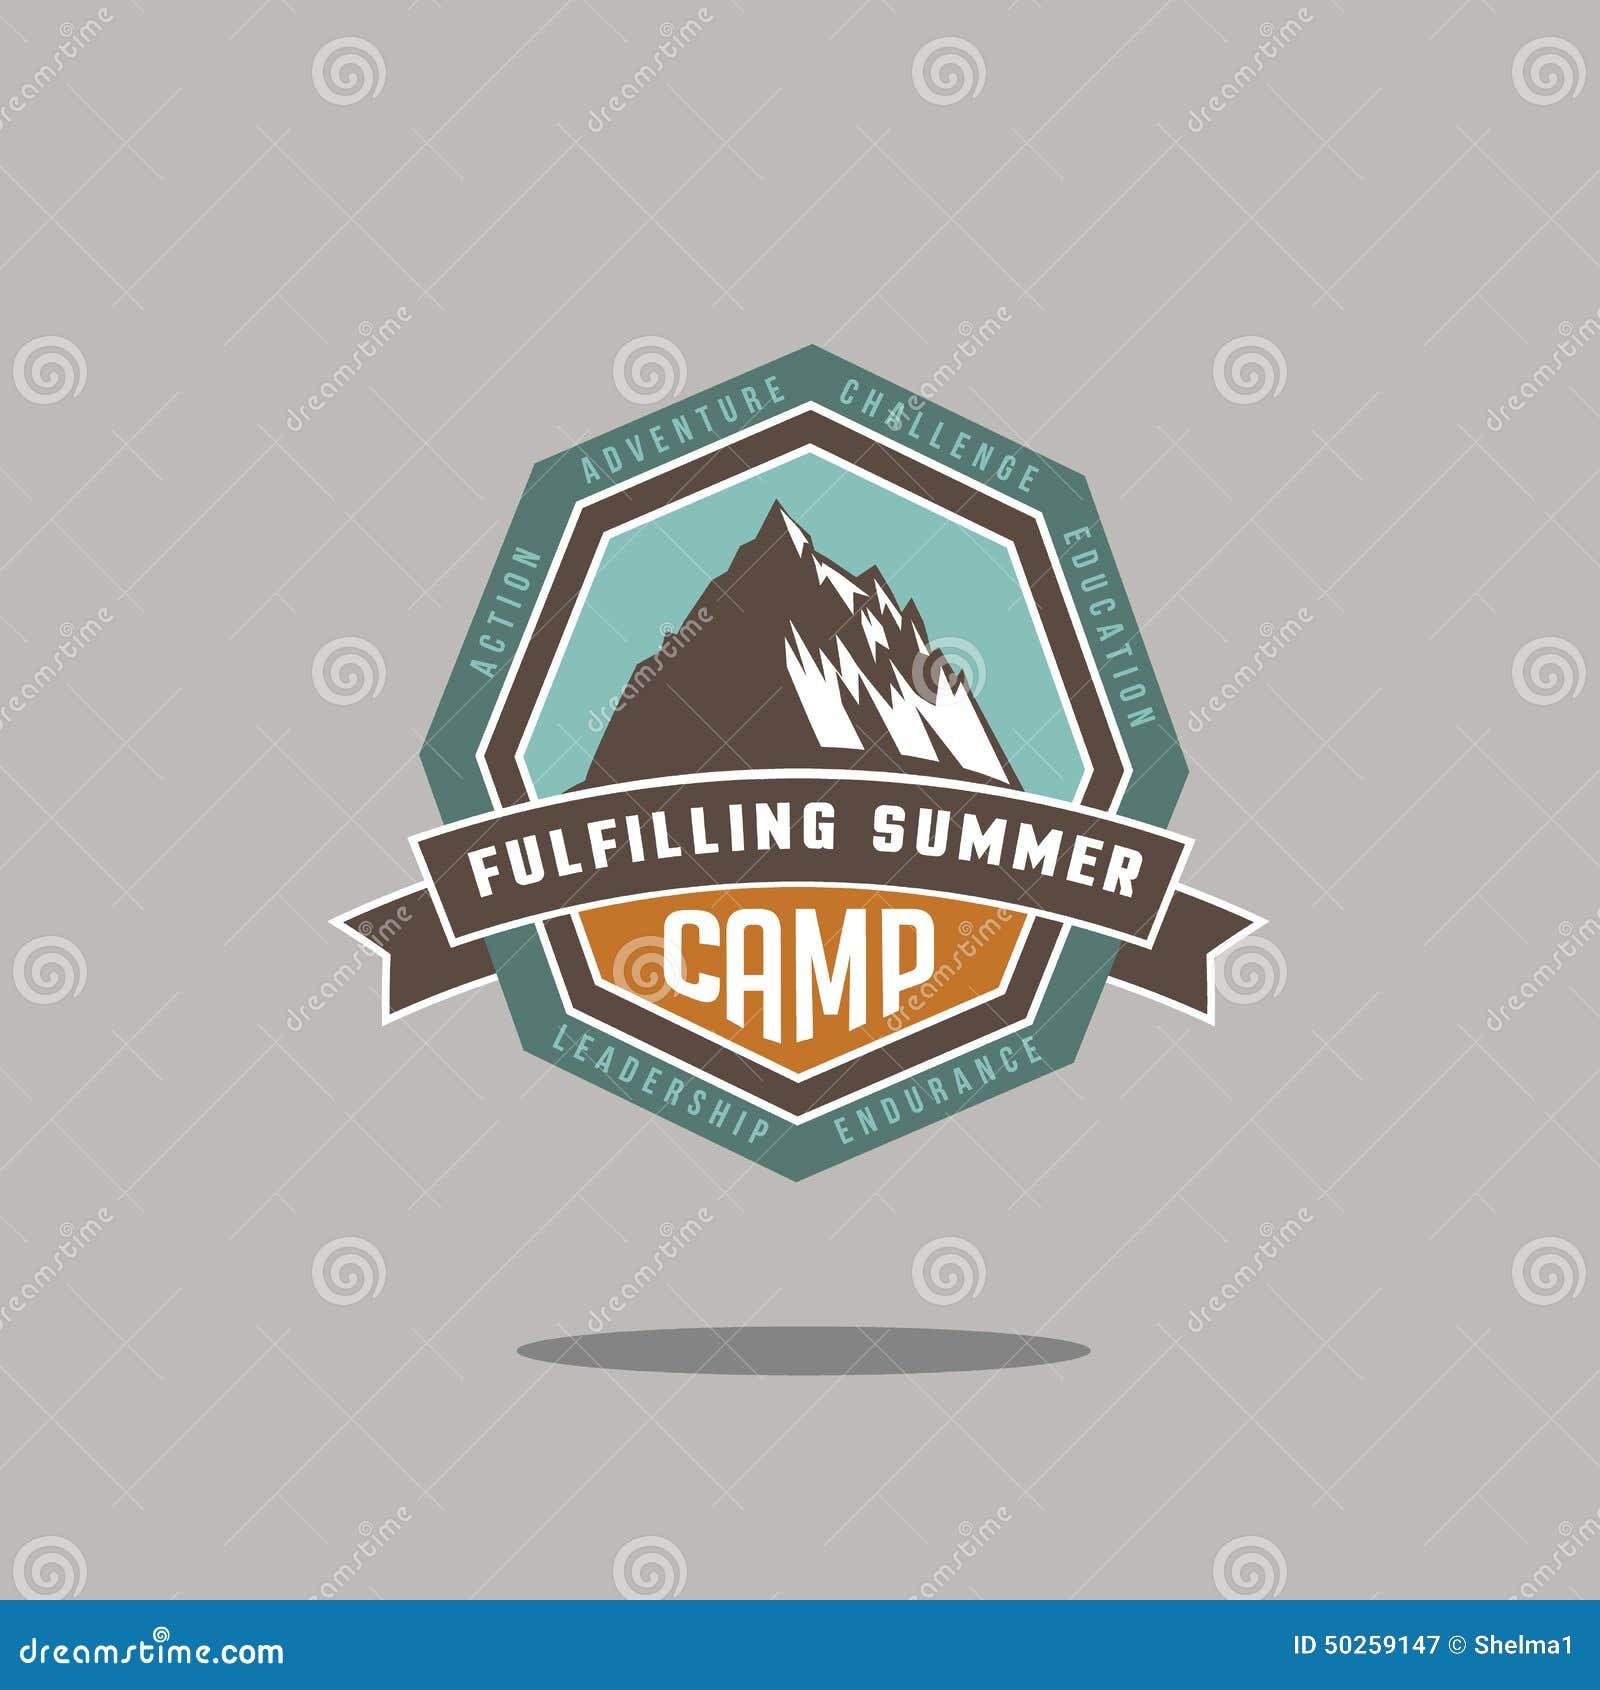 Mountain camp icon EPS 10 vector